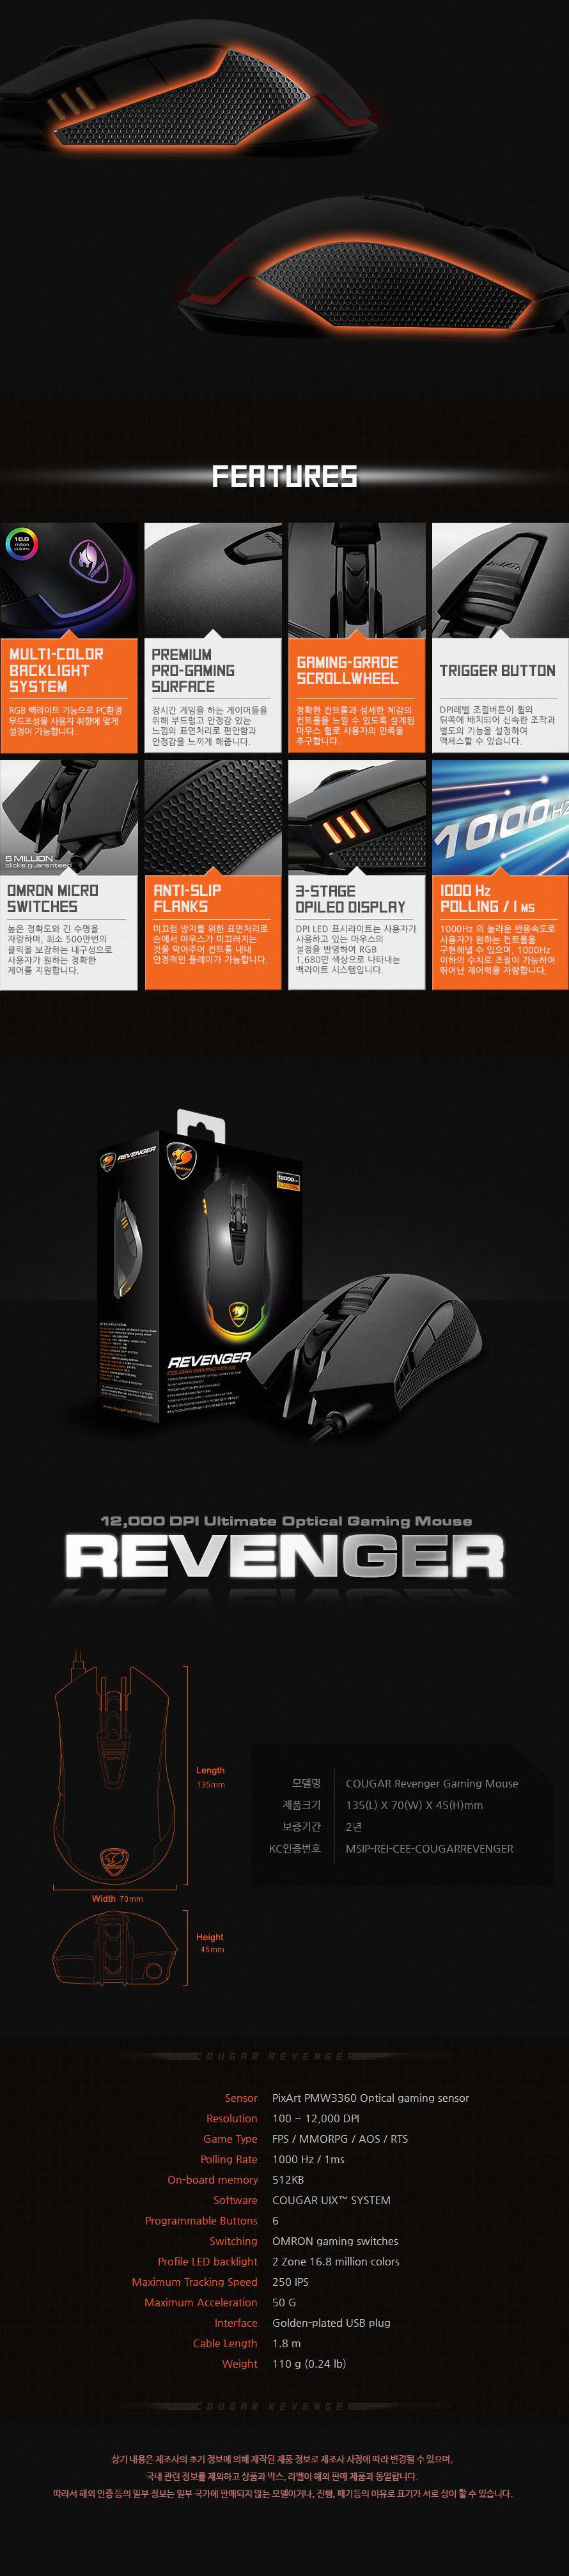 Revenger_3_4031.jpg